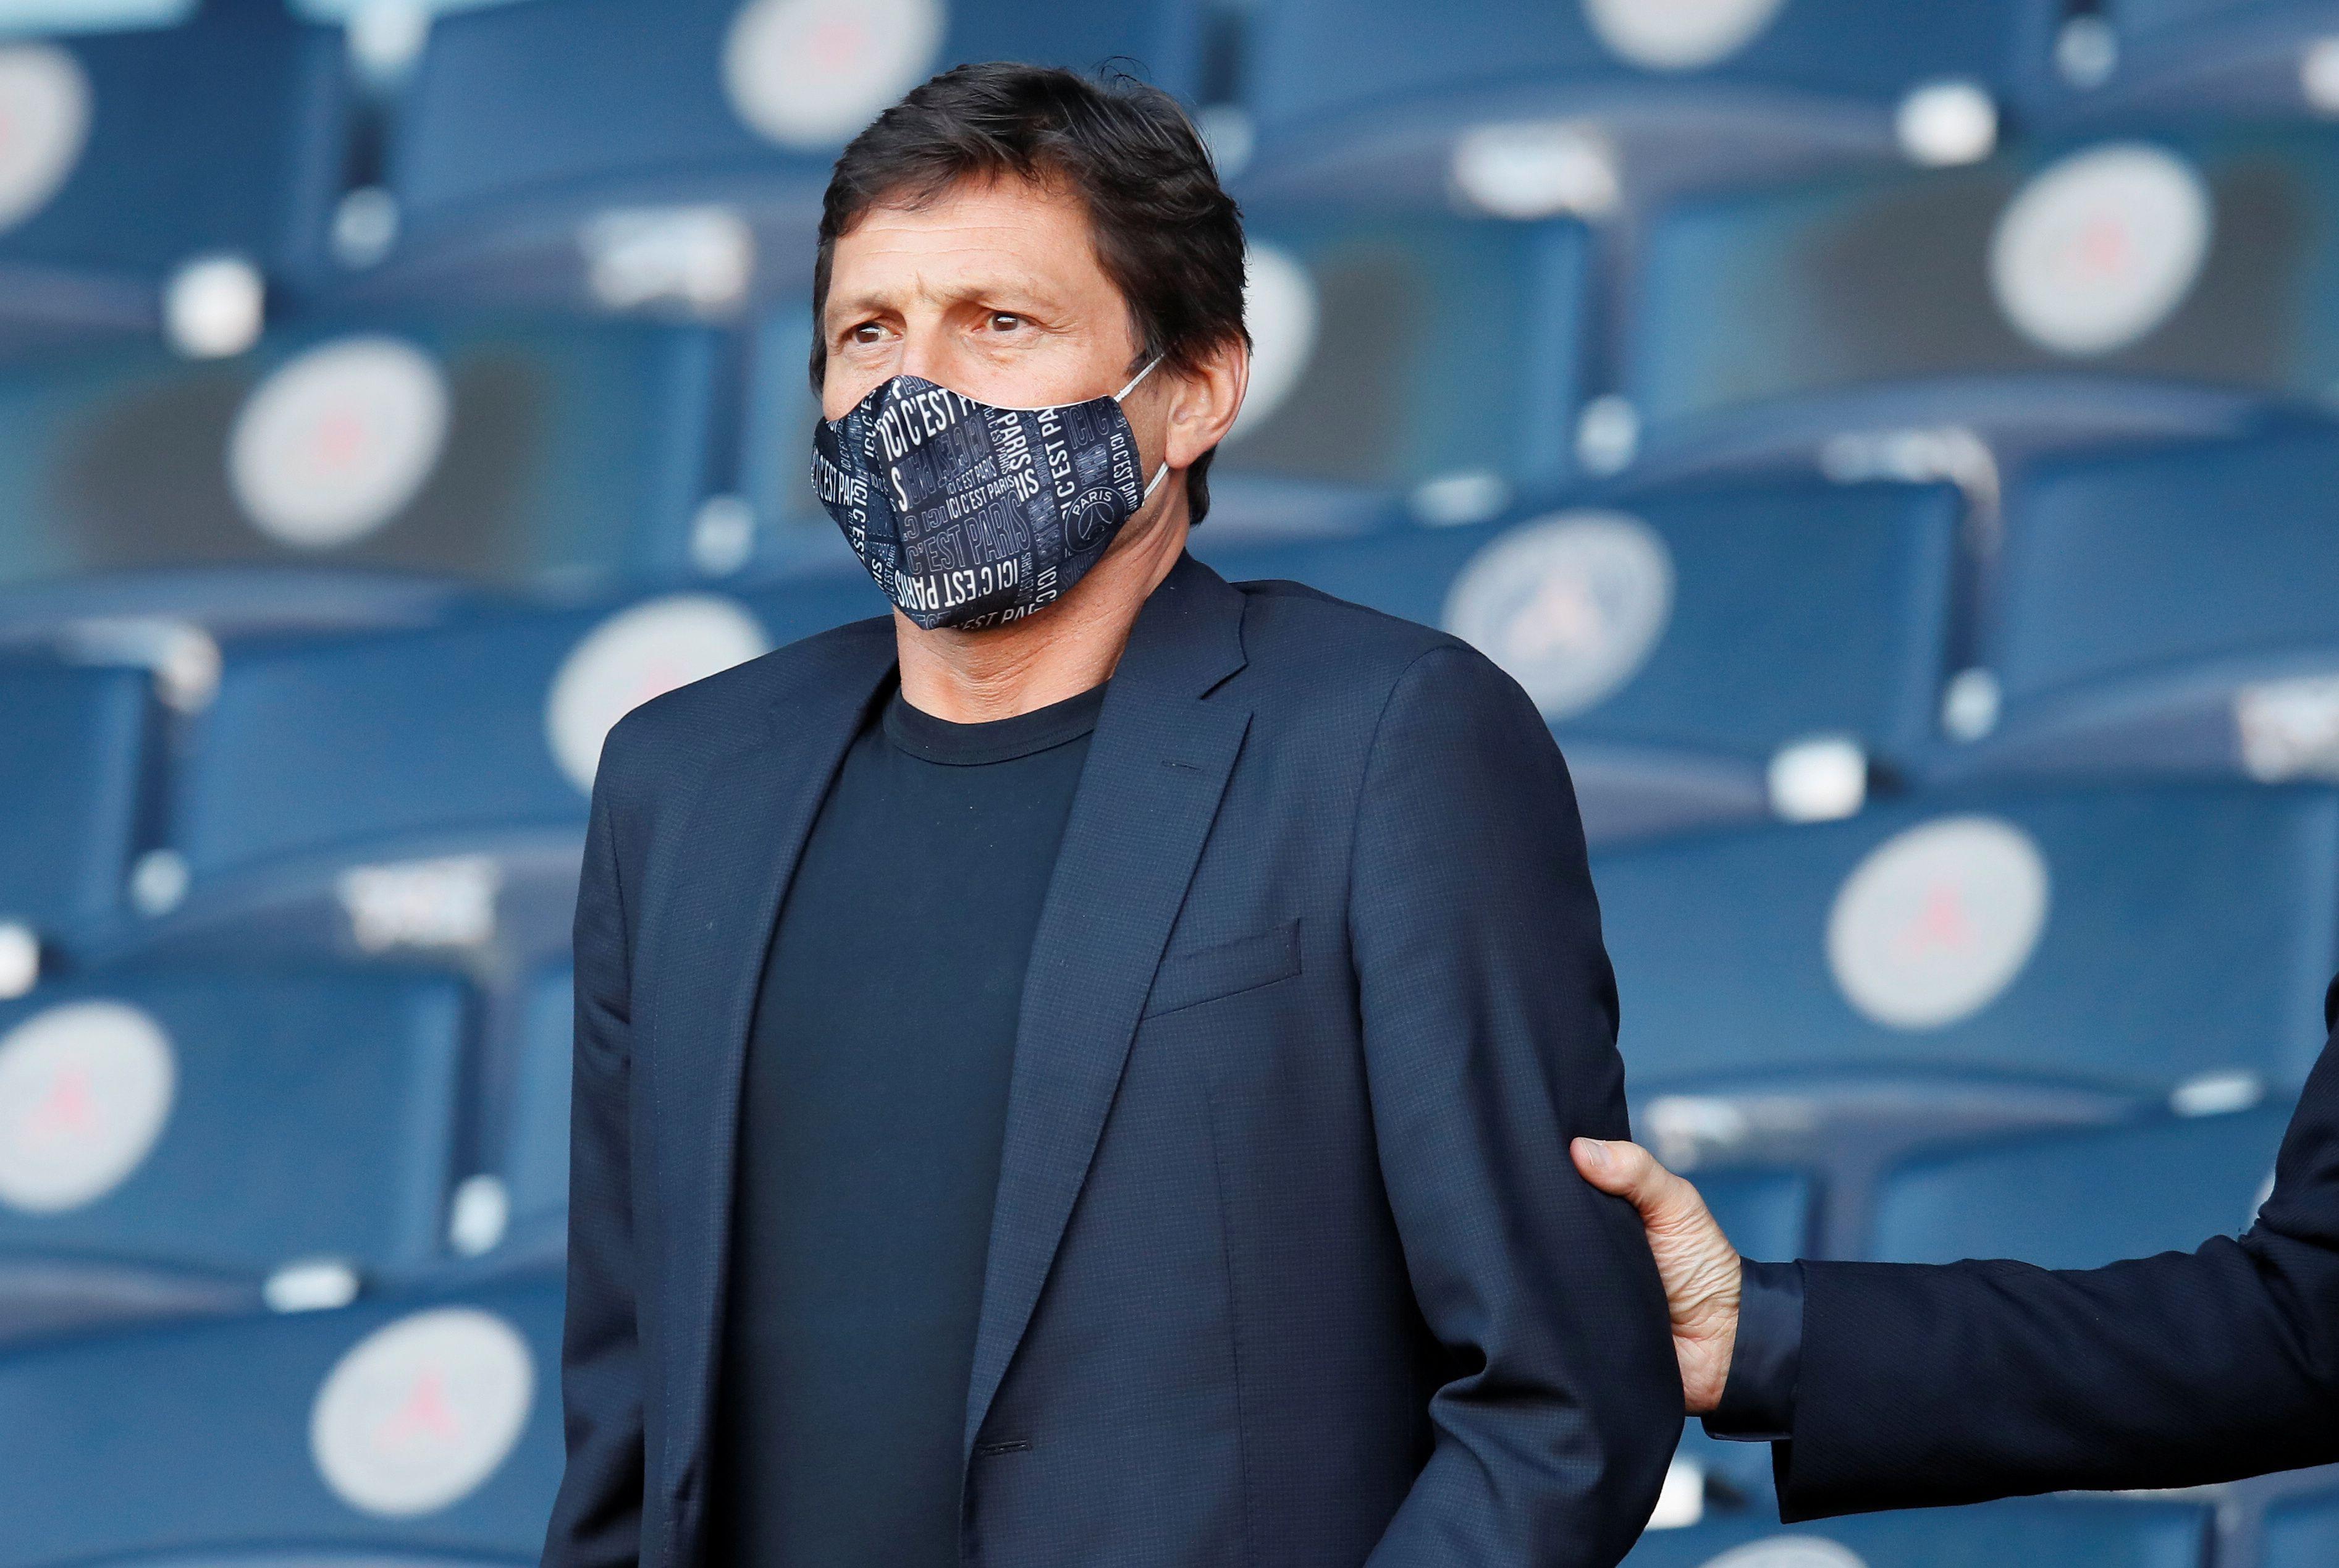 El director deportivo respondió ante las exigencias del futbolista - REUTERS/Gonzalo Fuentes